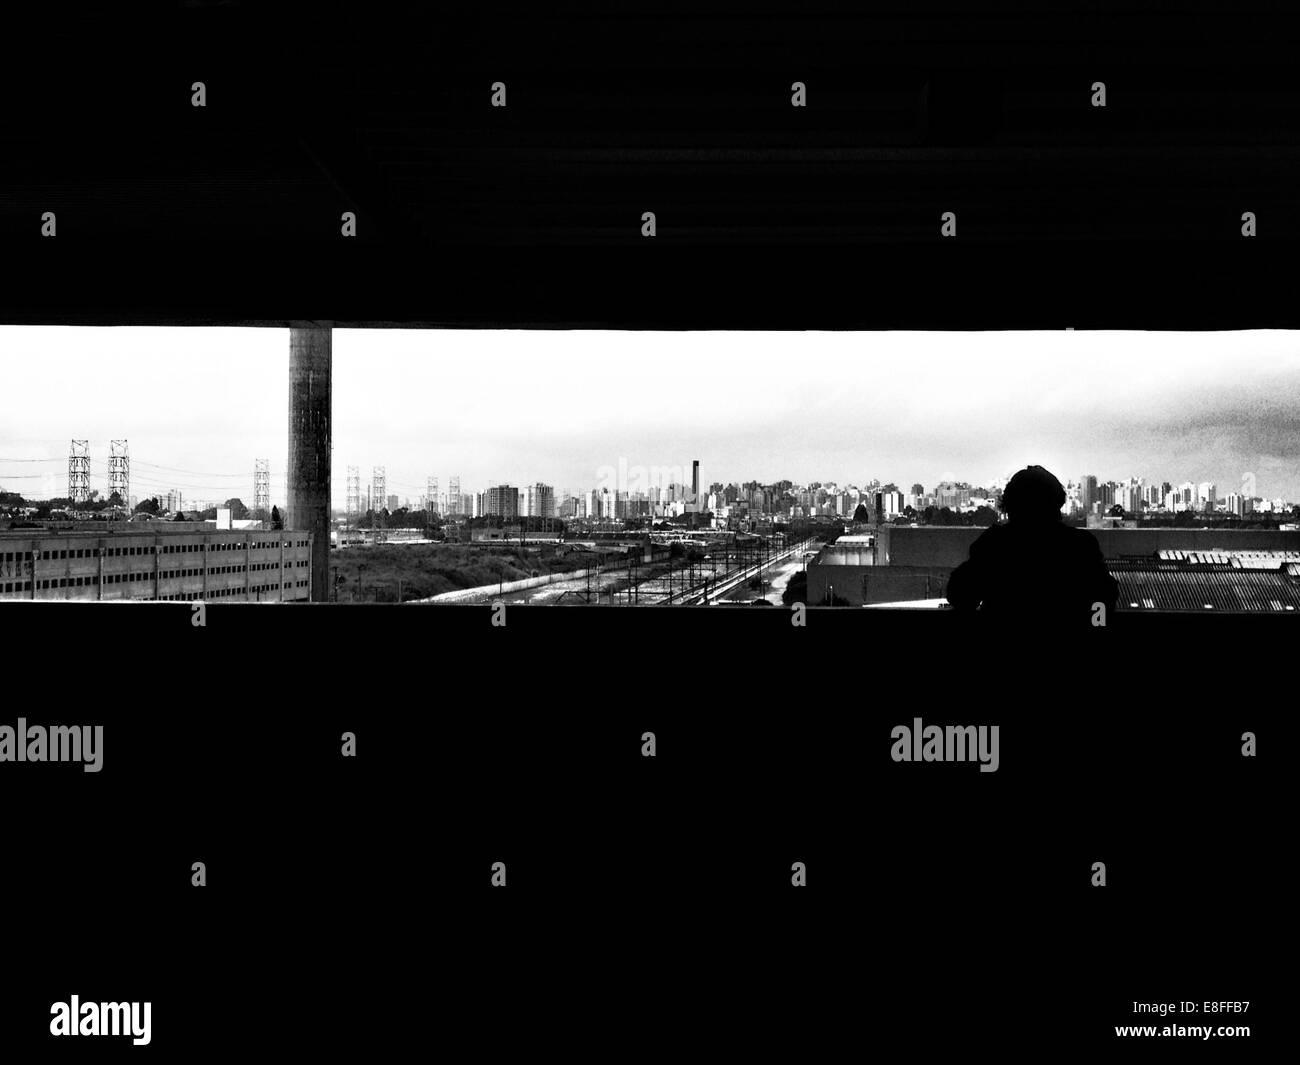 Silhouette d'une personne à la recherche à l'horizon de la ville, São Paulo, Brésil Photo Stock